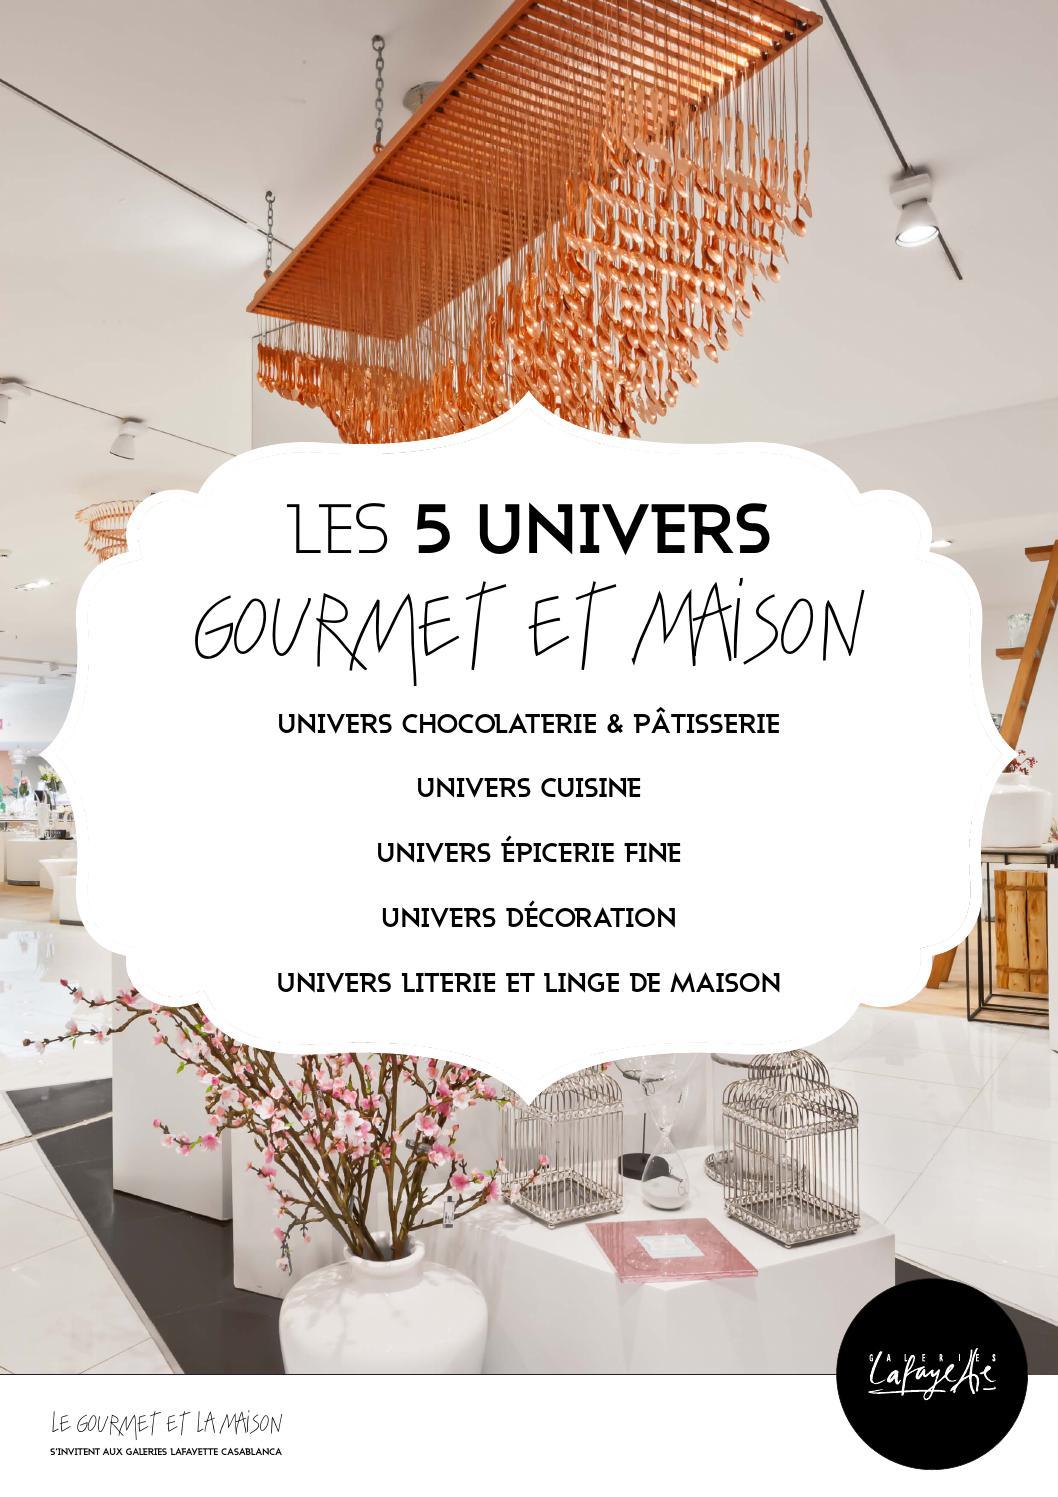 Galerie lafayette linge de maison simple drap housse - Linge de maison galerie lafayette ...